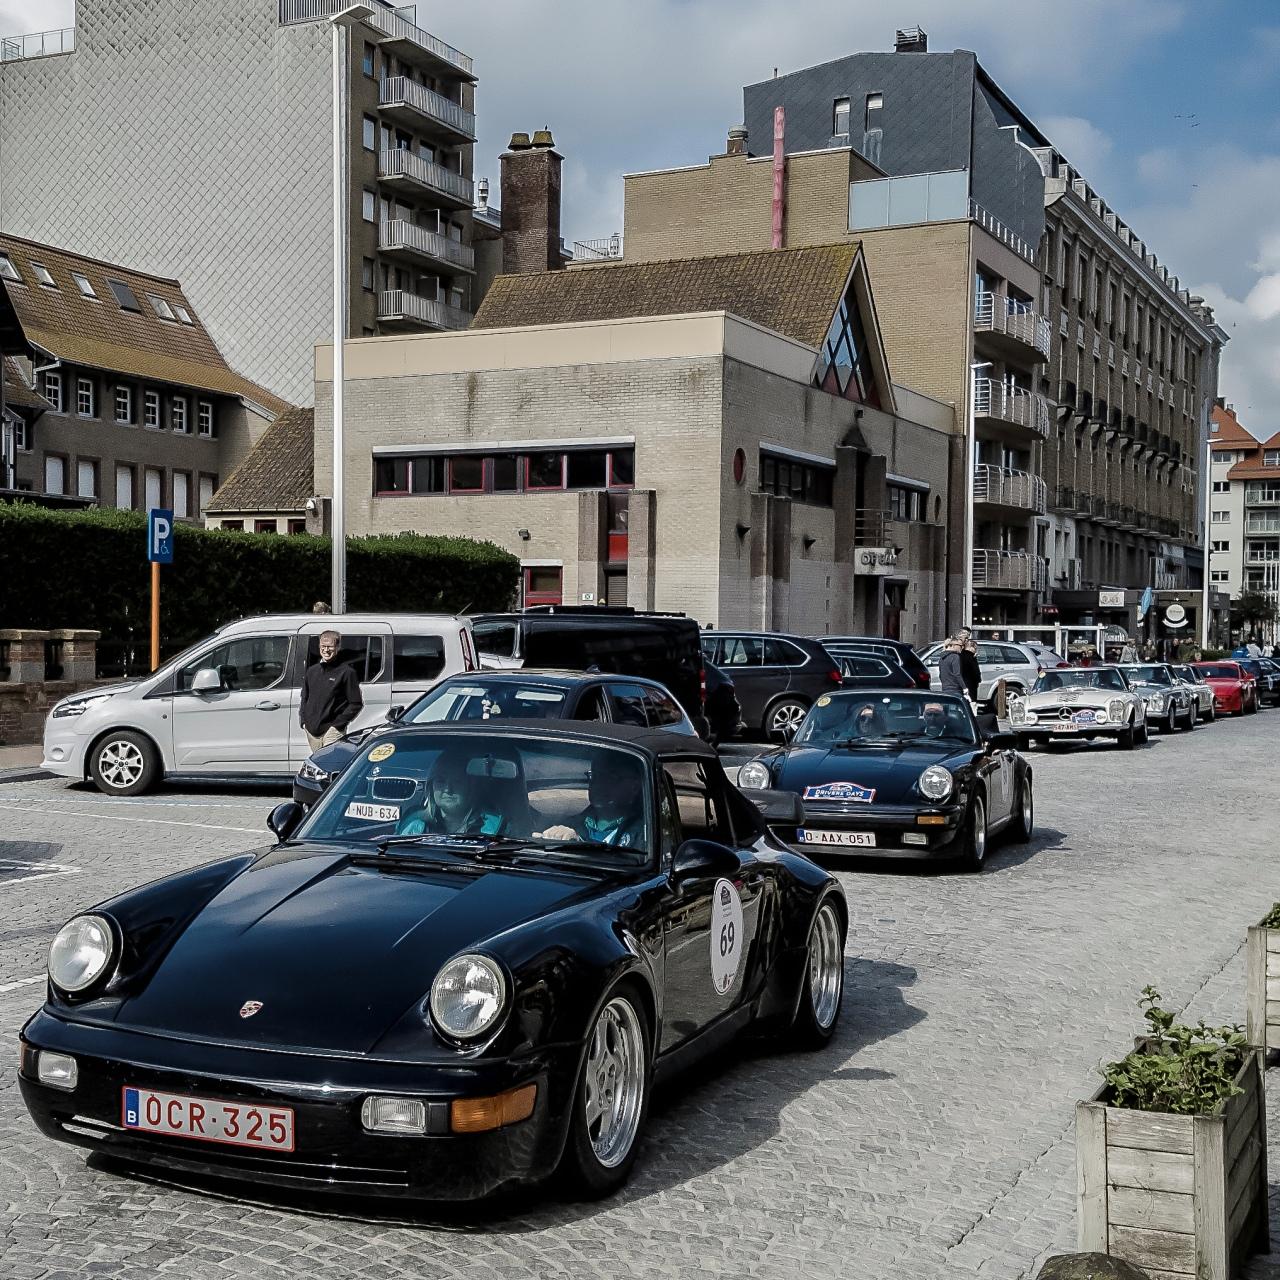 Porsche 911 turbo cabriolet ou Carrera cabriolet